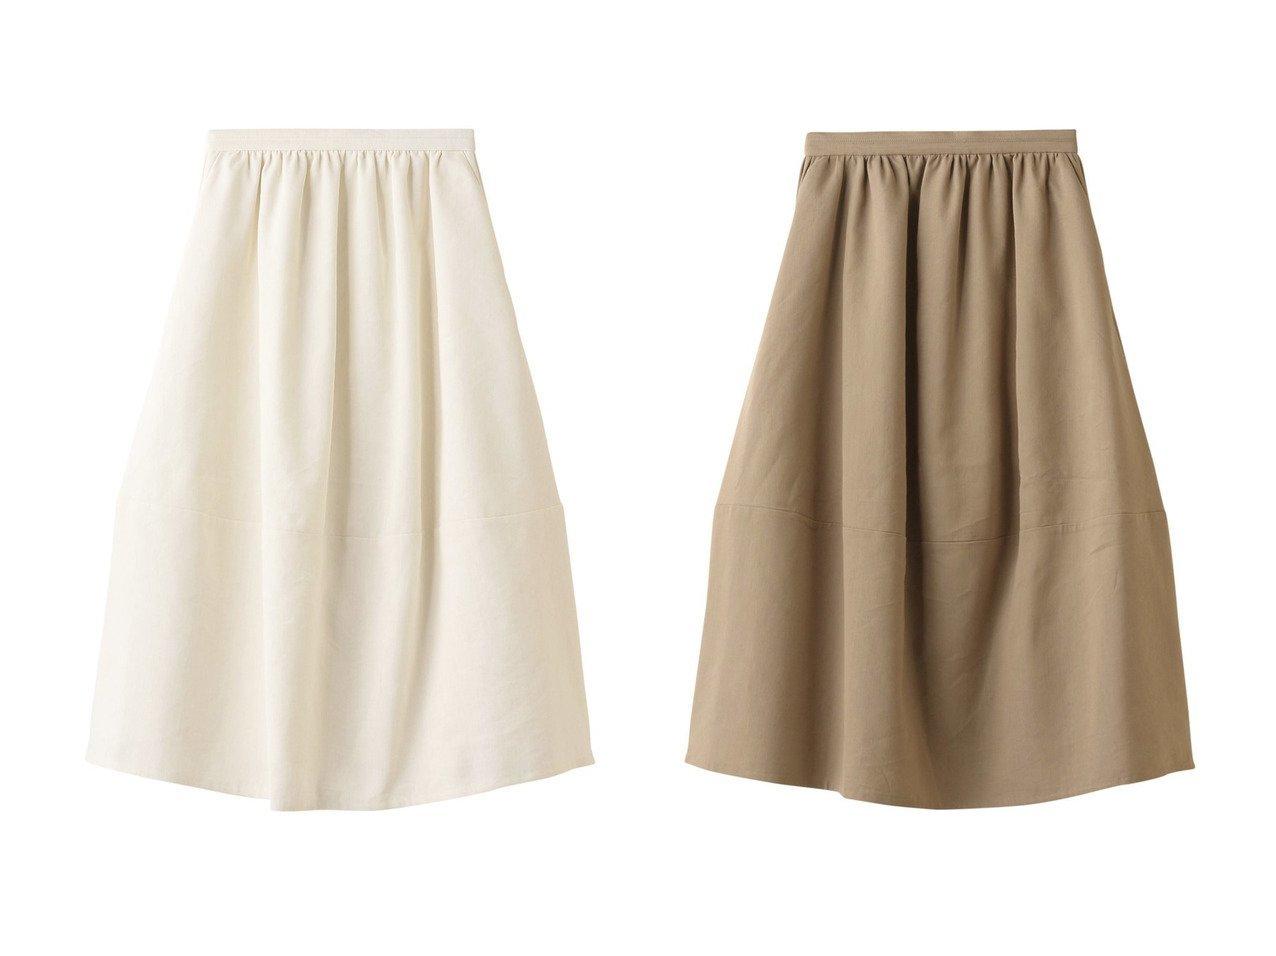 【martinique/マルティニーク】のギャザーフレアスカート スカートのおすすめ!人気、トレンド・レディースファッションの通販 おすすめで人気の流行・トレンド、ファッションの通販商品 メンズファッション・キッズファッション・インテリア・家具・レディースファッション・服の通販 founy(ファニー) https://founy.com/ ファッション Fashion レディースファッション WOMEN スカート Skirt Aライン/フレアスカート Flared A-Line Skirts 2021年 2021 2021 春夏 S/S SS Spring/Summer 2021 S/S 春夏 SS Spring/Summer ガーリー ギャザー フレア ベーシック ミックス 春 Spring  ID:crp329100000024750